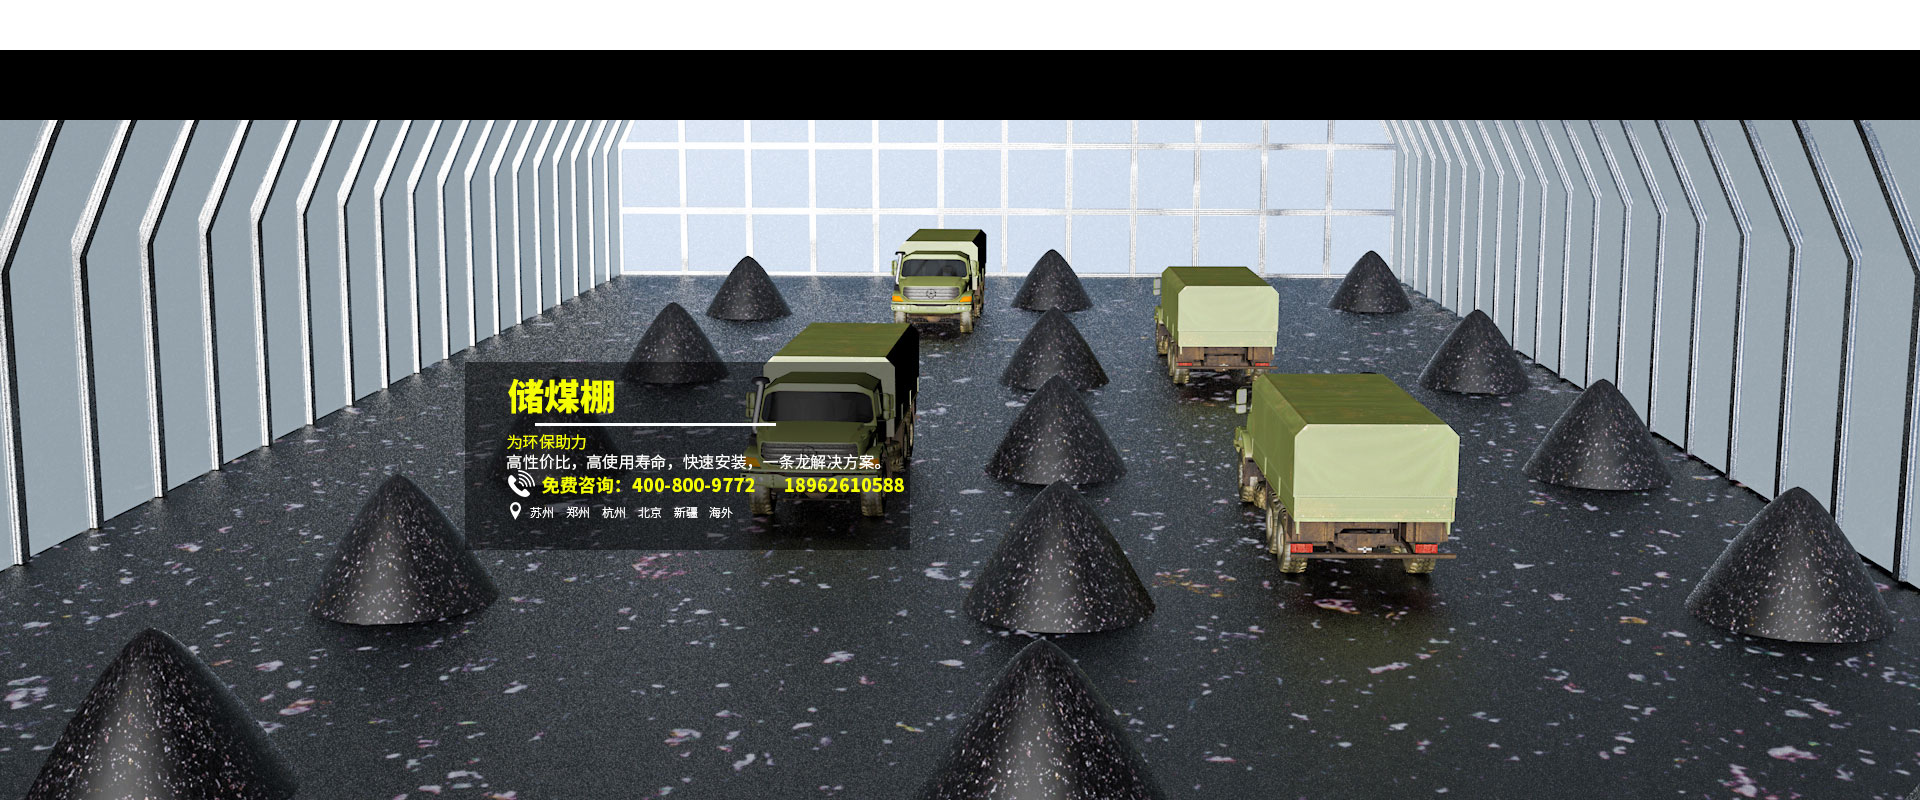 西北工业储煤篷房